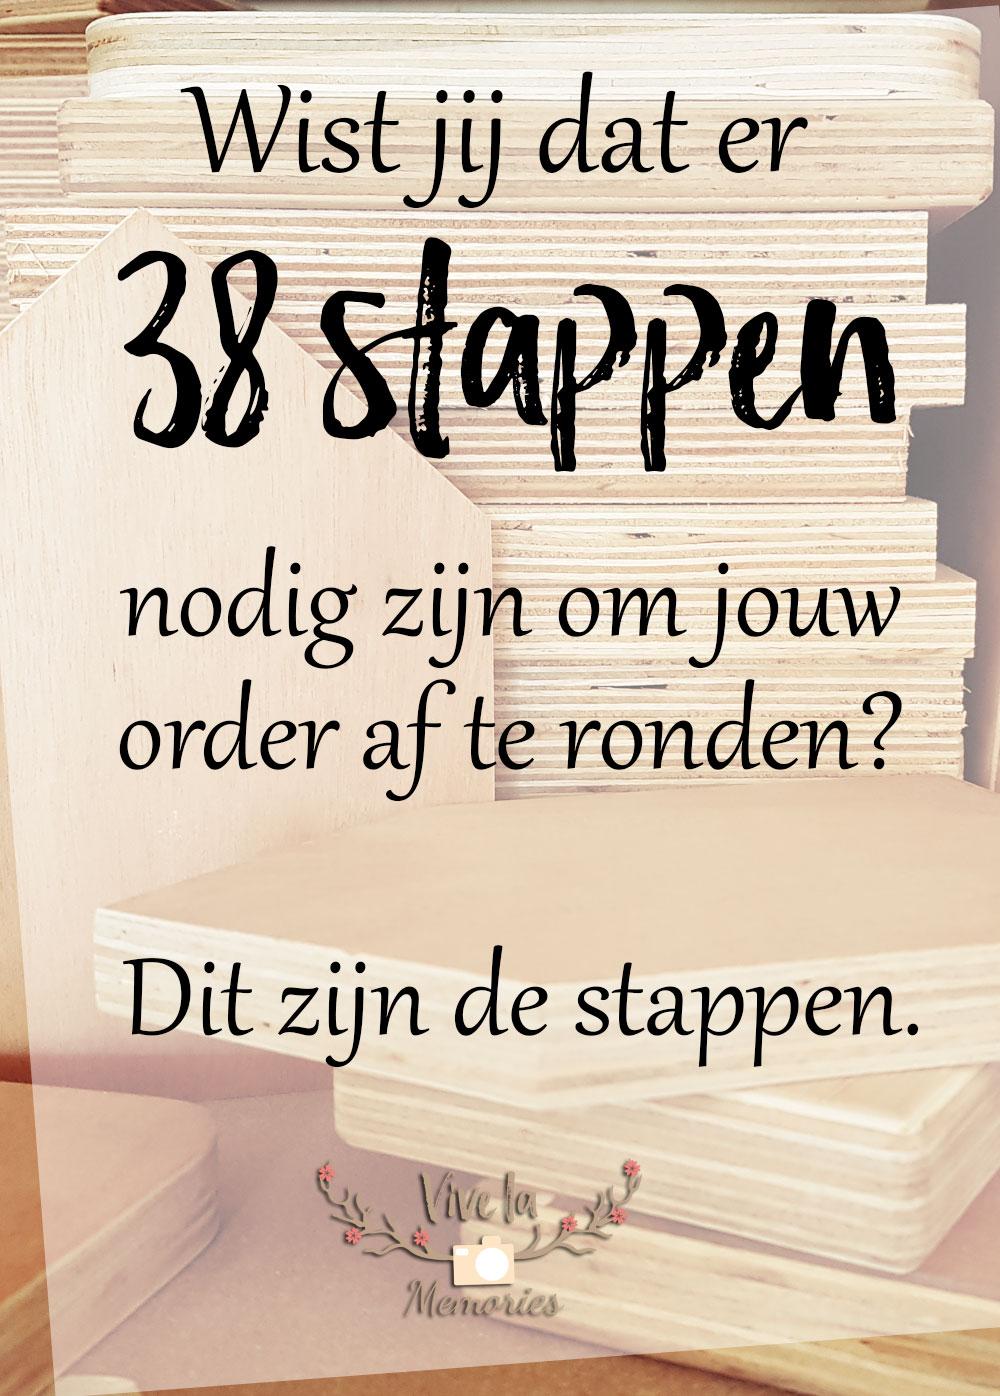 Wist je dat er 38 stappen nodig zijn om jouw order af te ronden? Dit zijn de stappen.